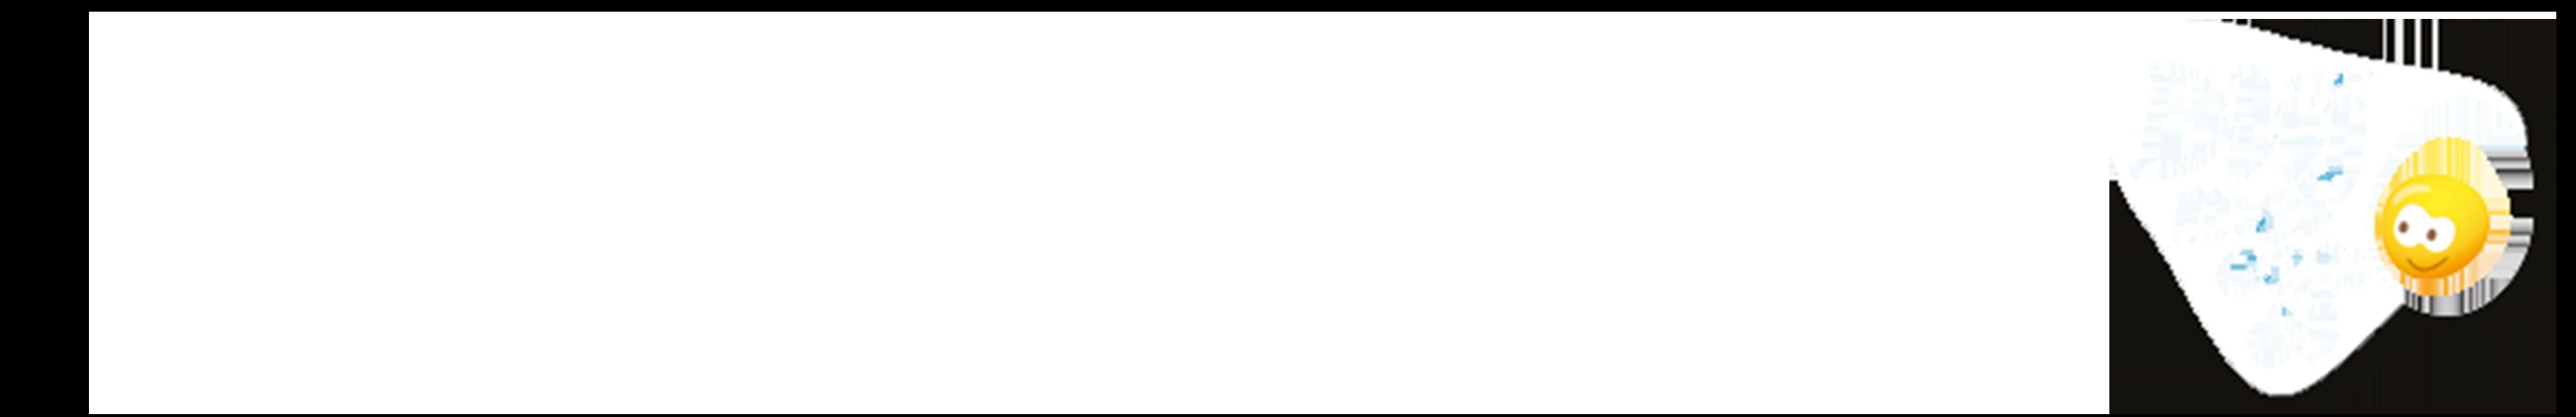 IKB-NSPVB_BlijEi logo footer